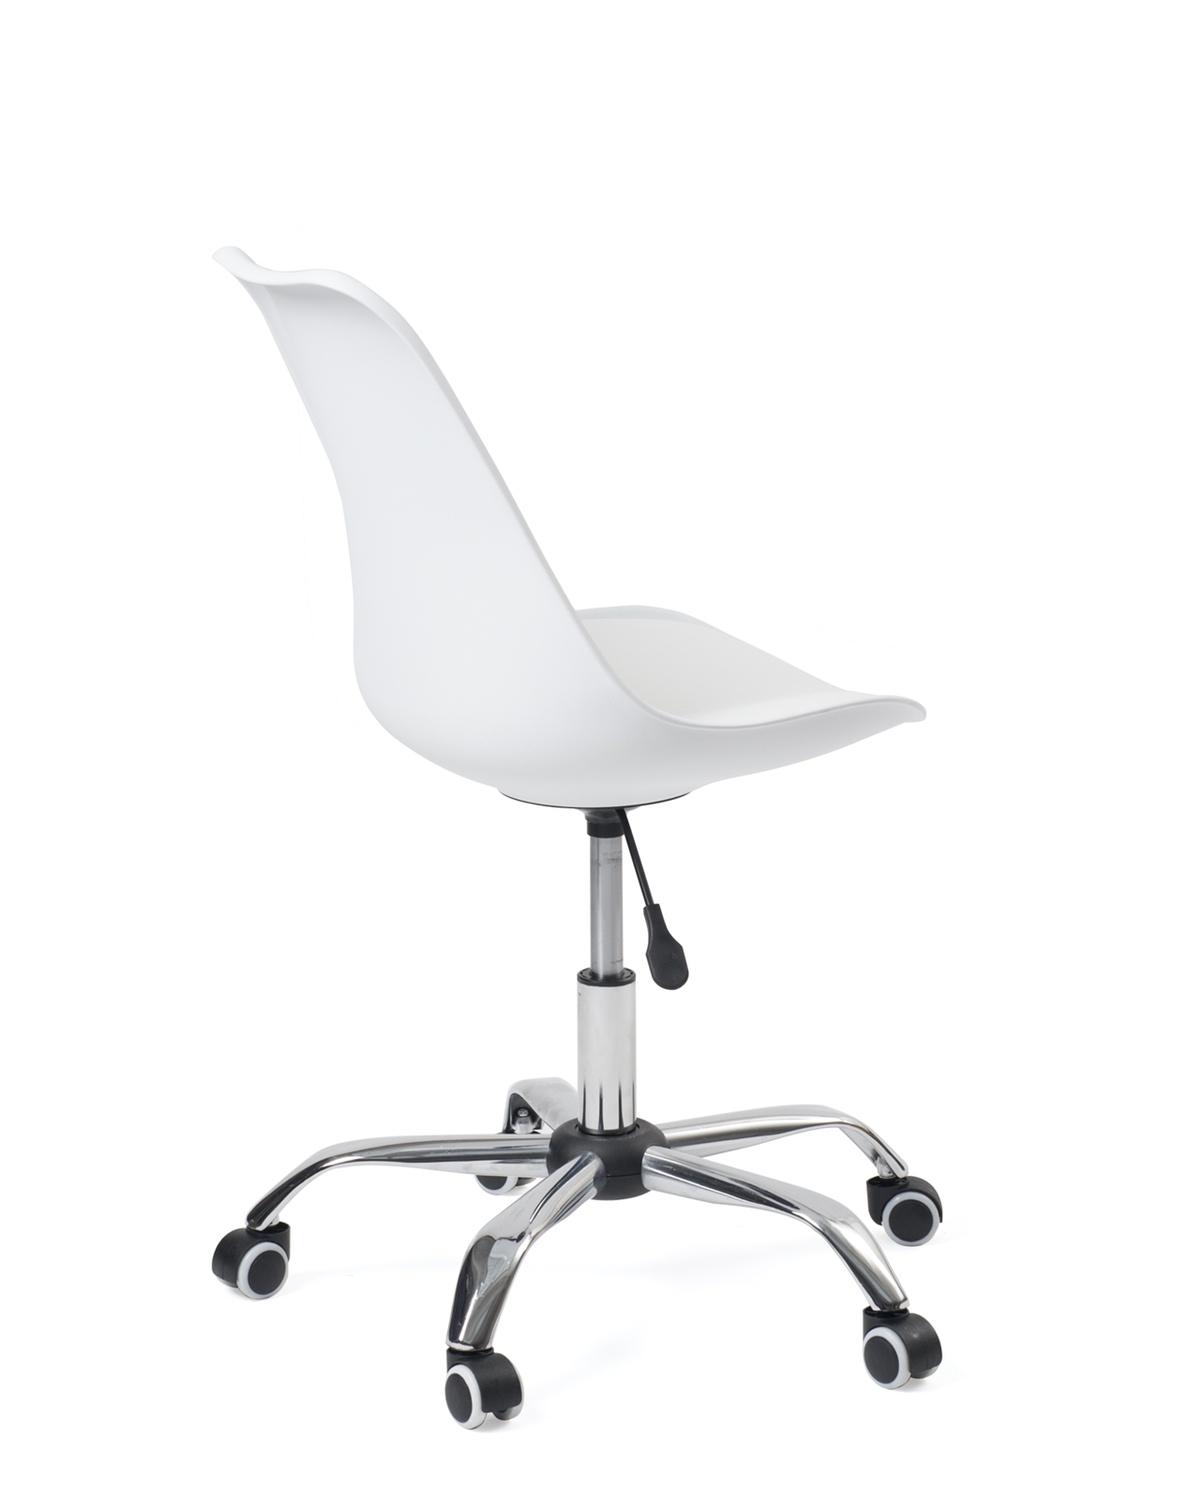 Chaise Bureau Design Ergonomique Reglable Blanc Kayelles